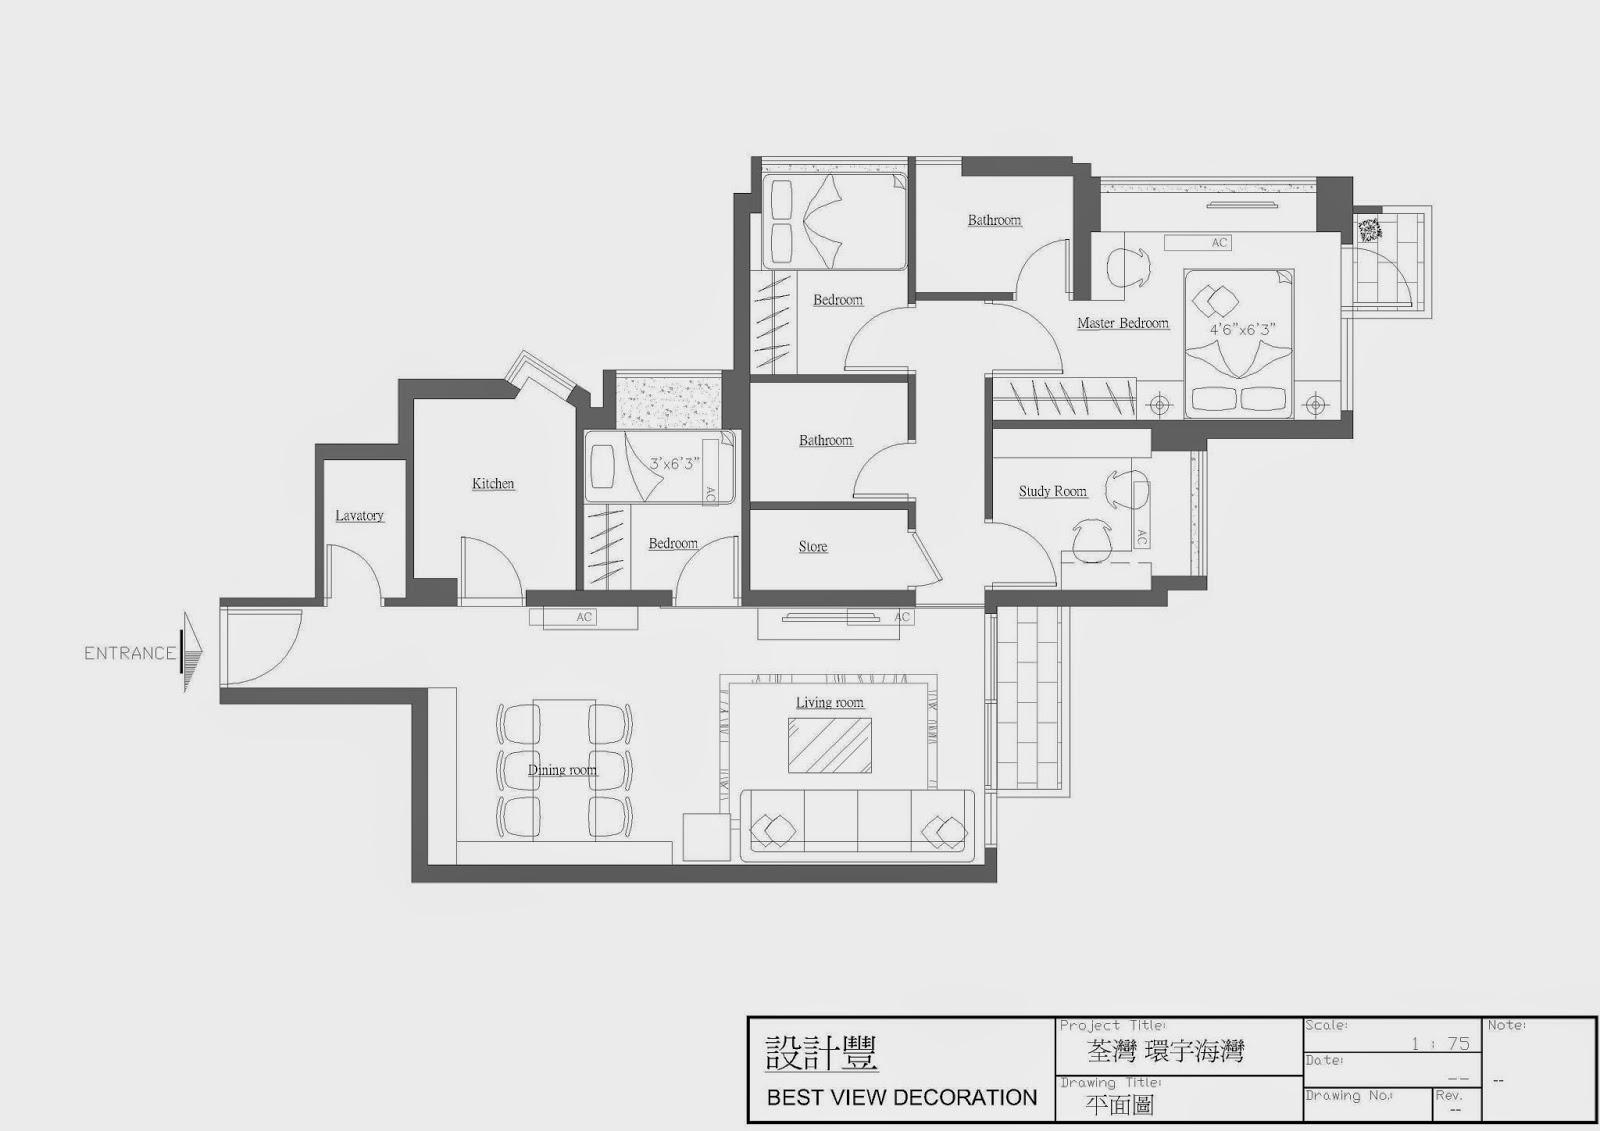 環宇海灣Citypoint室內設計平面圖